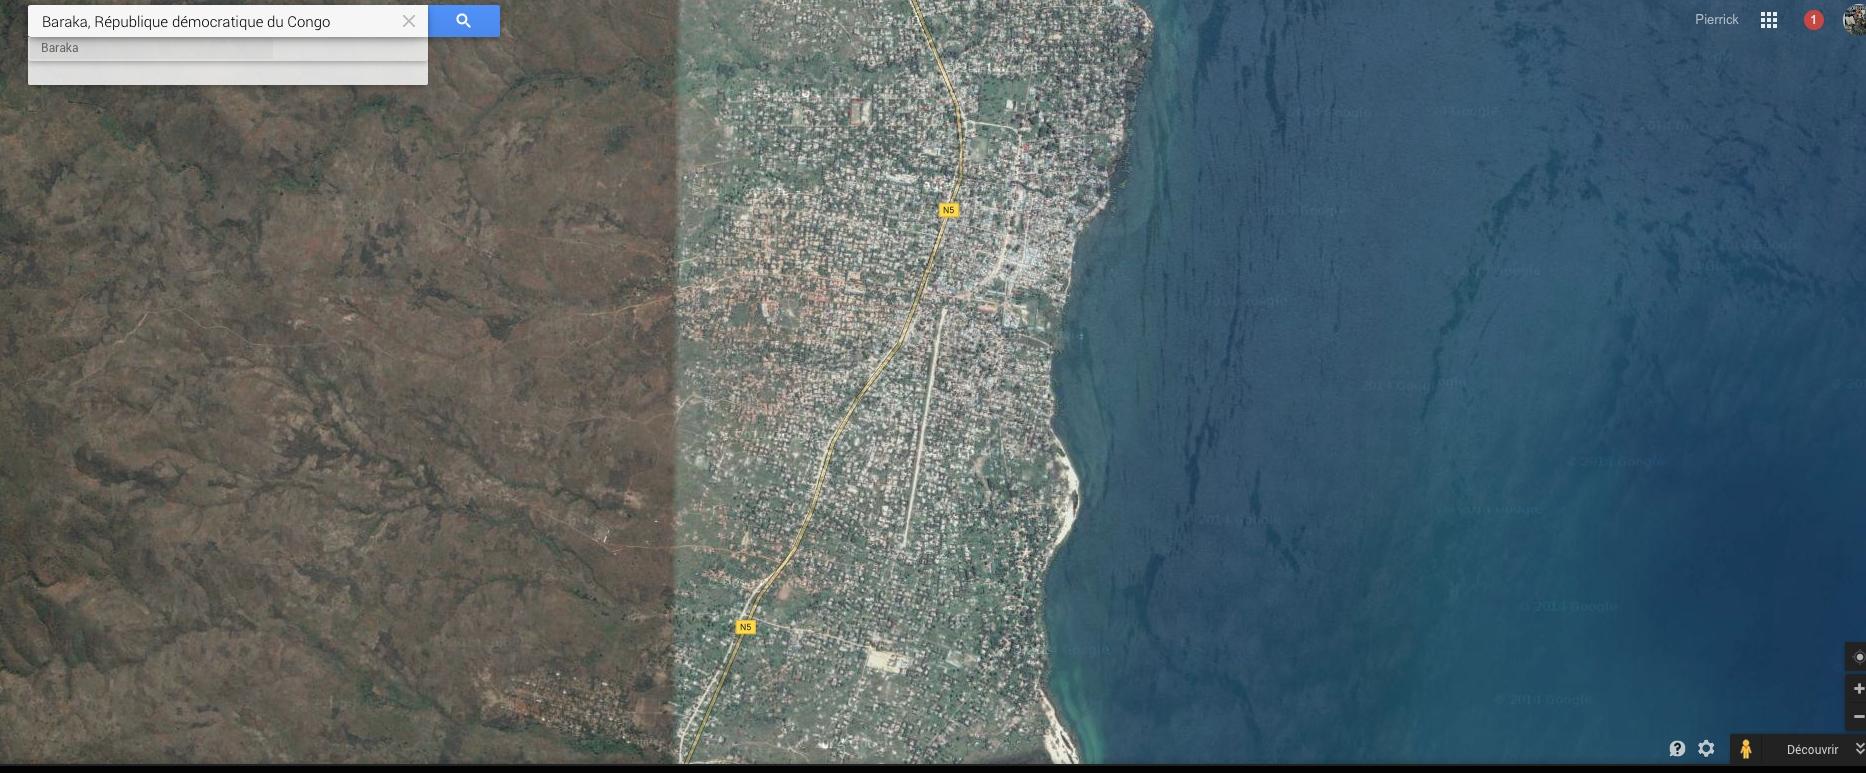 Earthquake thesis pdf image 3